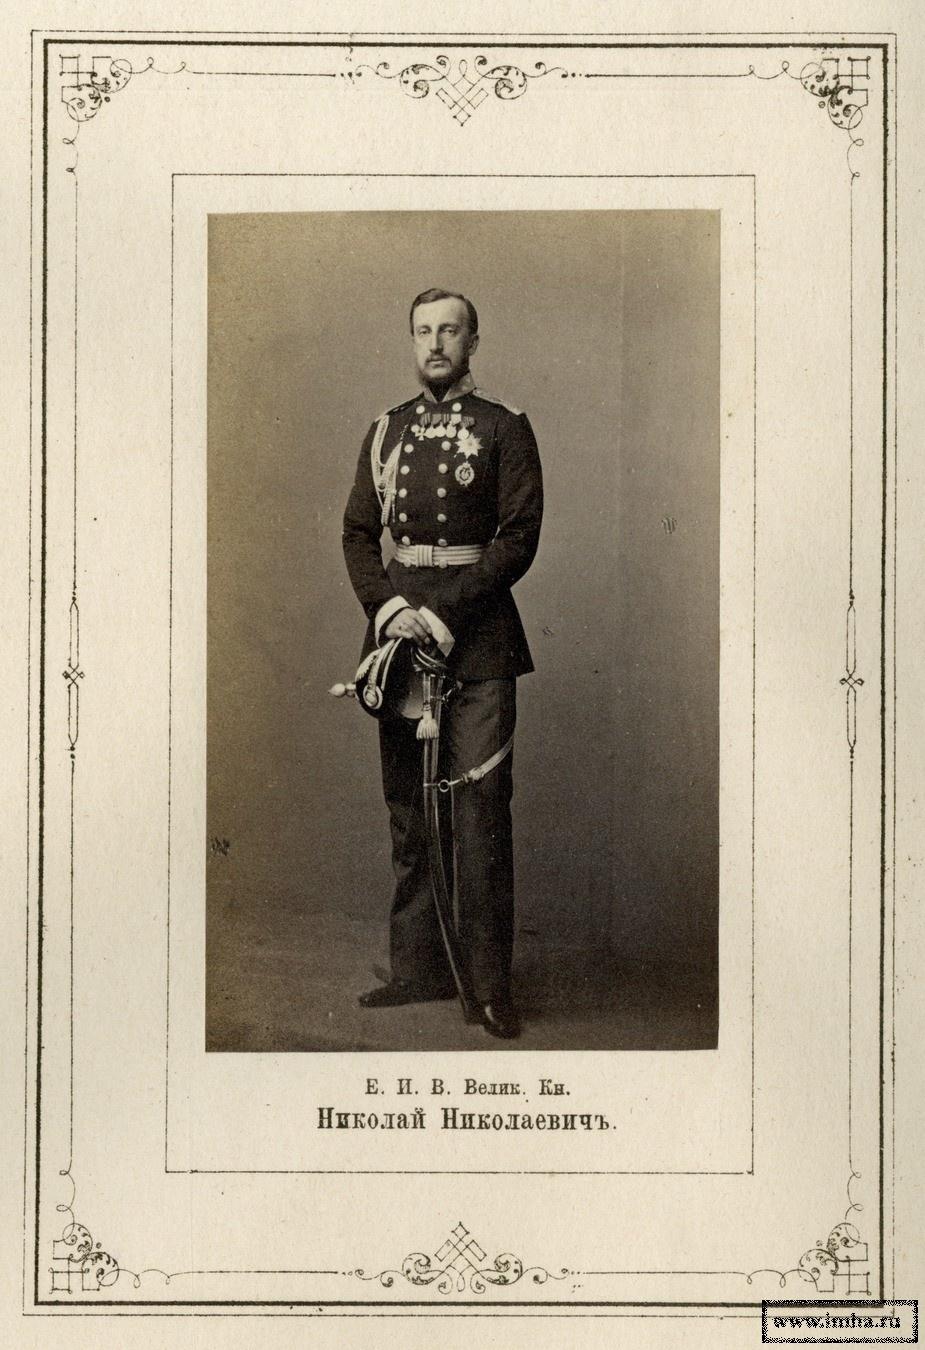 Шеф полка Великий Князь Николай Николаевич Старший, с 1849 г. Сентября 19 по 1891 г. Апреля 26.